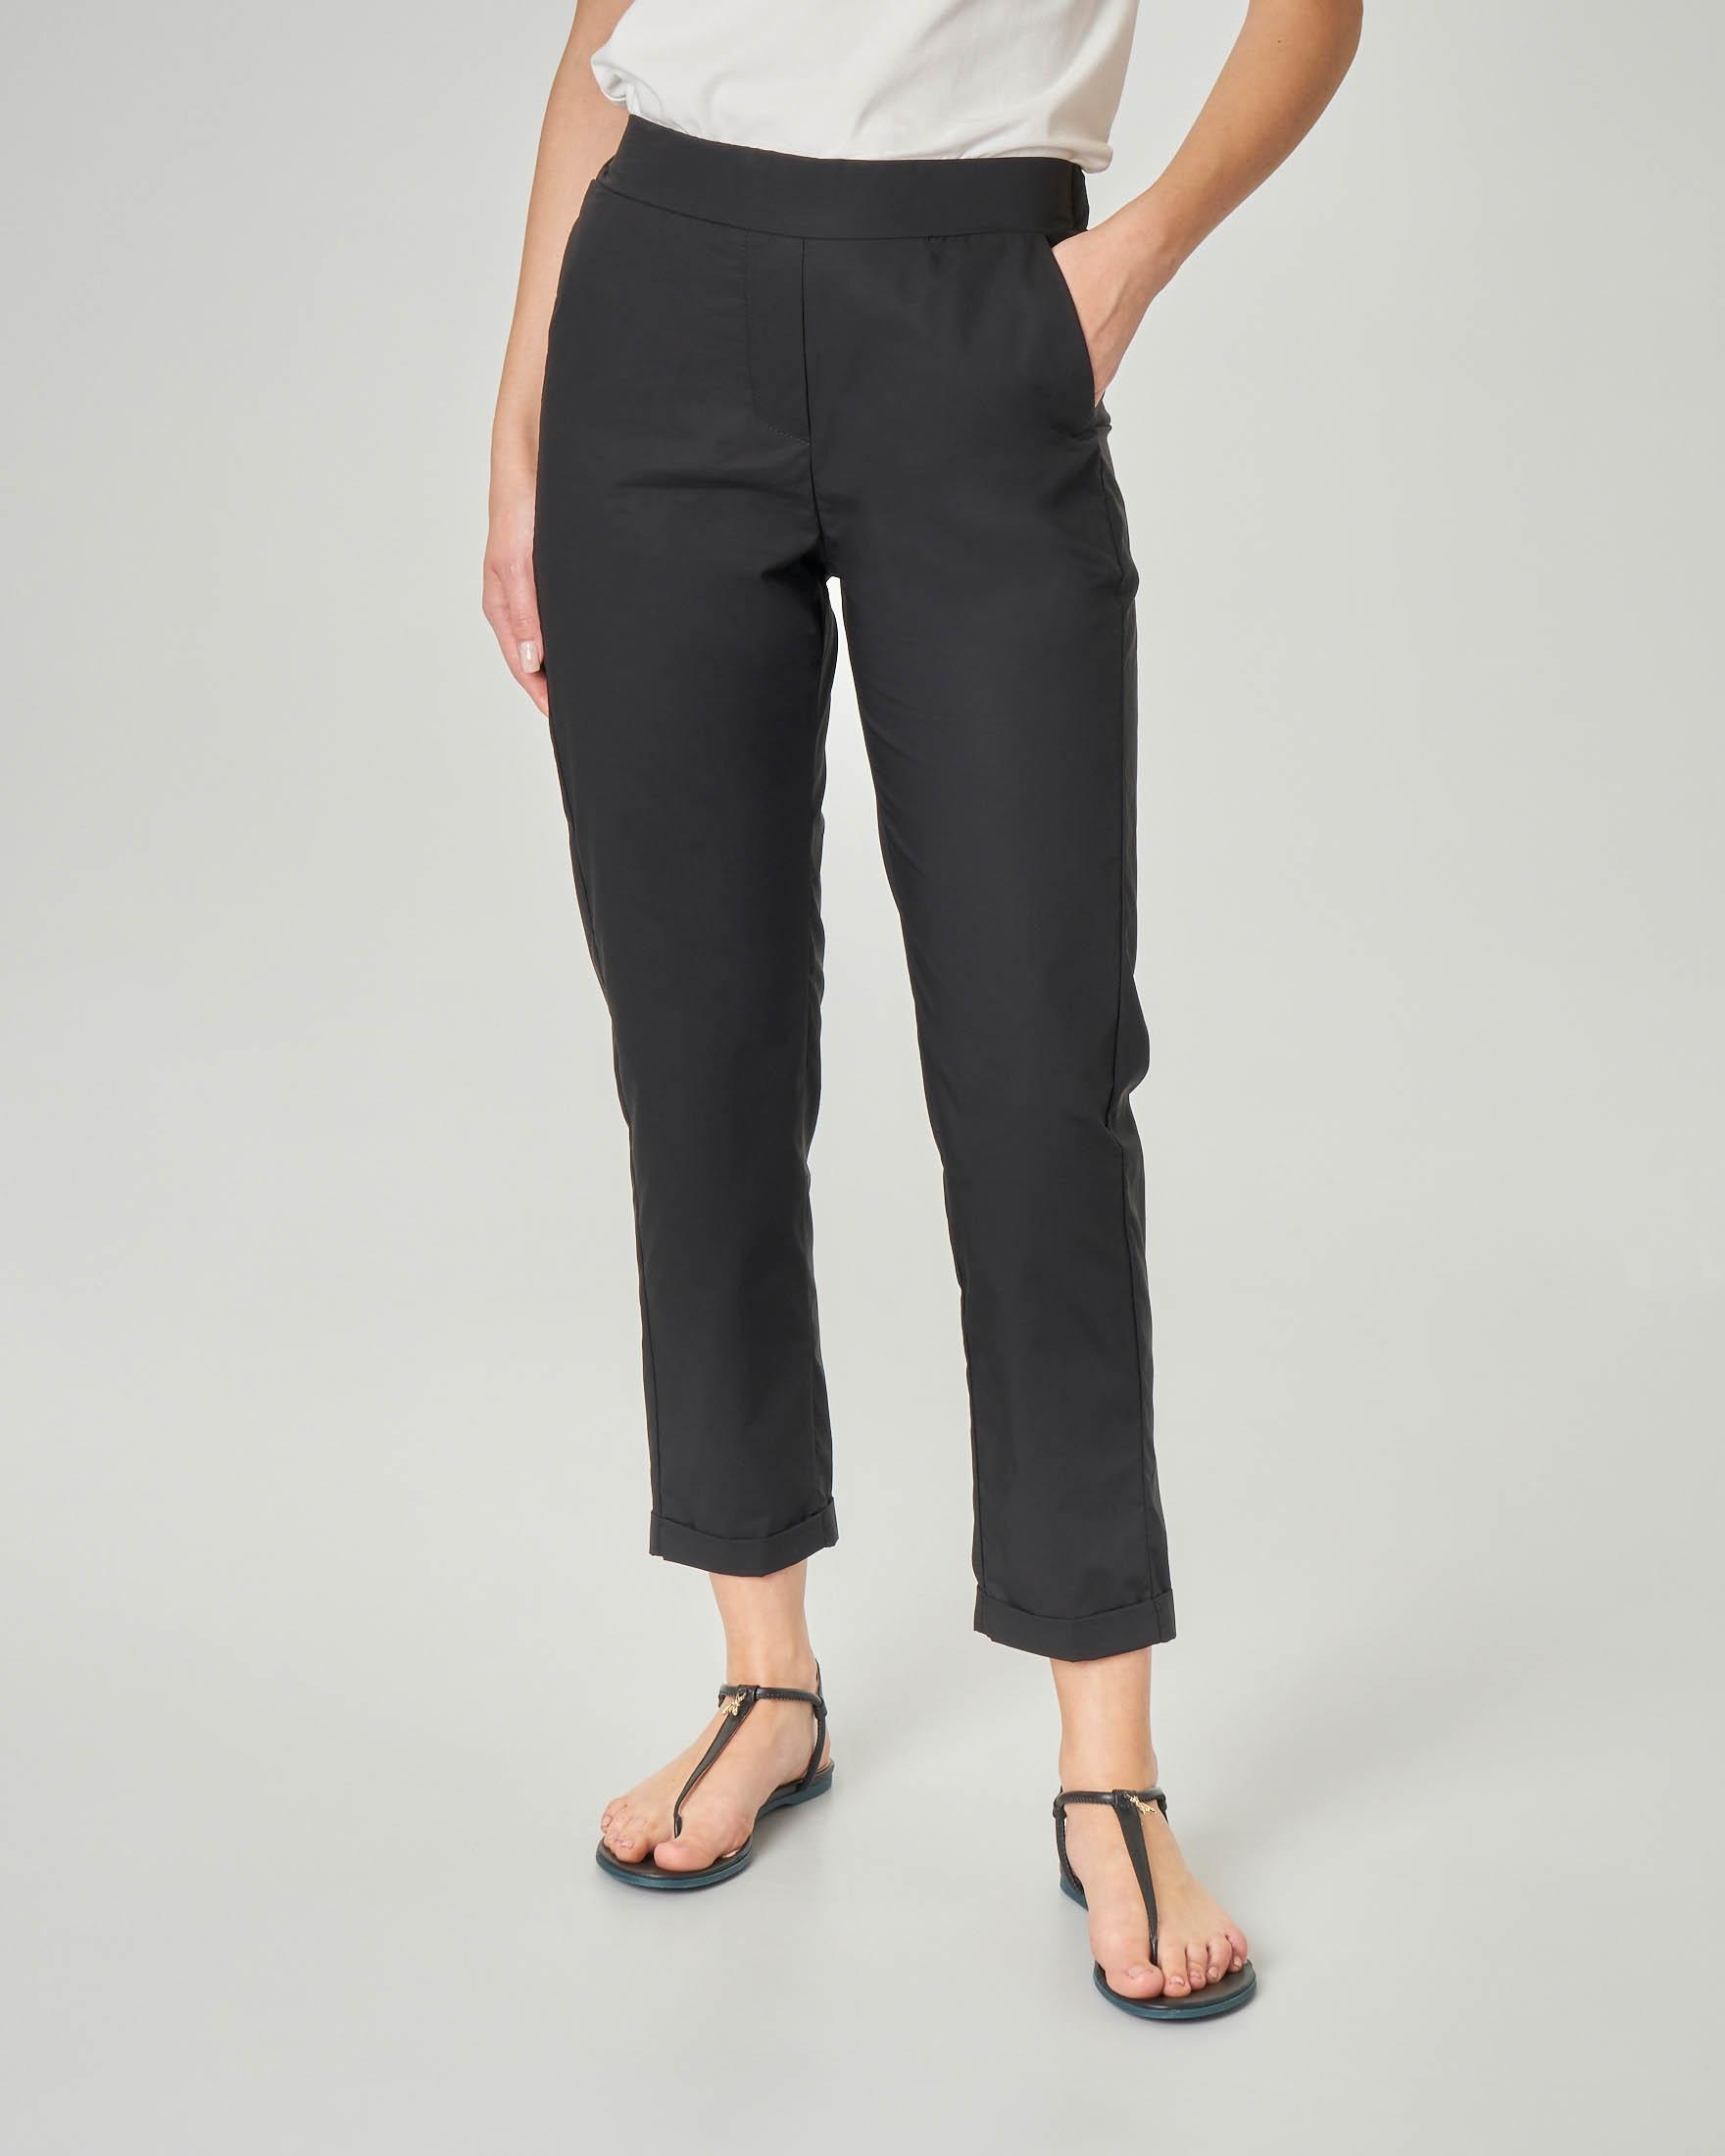 b23b3c8df7 Pantaloni straight neri in cotone con risvolto alla caviglia e elastico in  vita